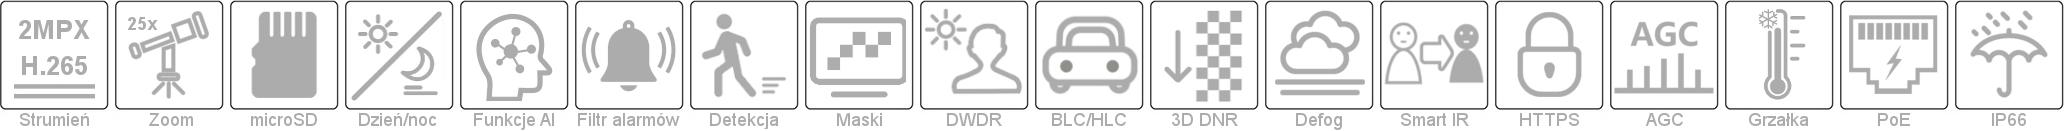 Cechy kamery